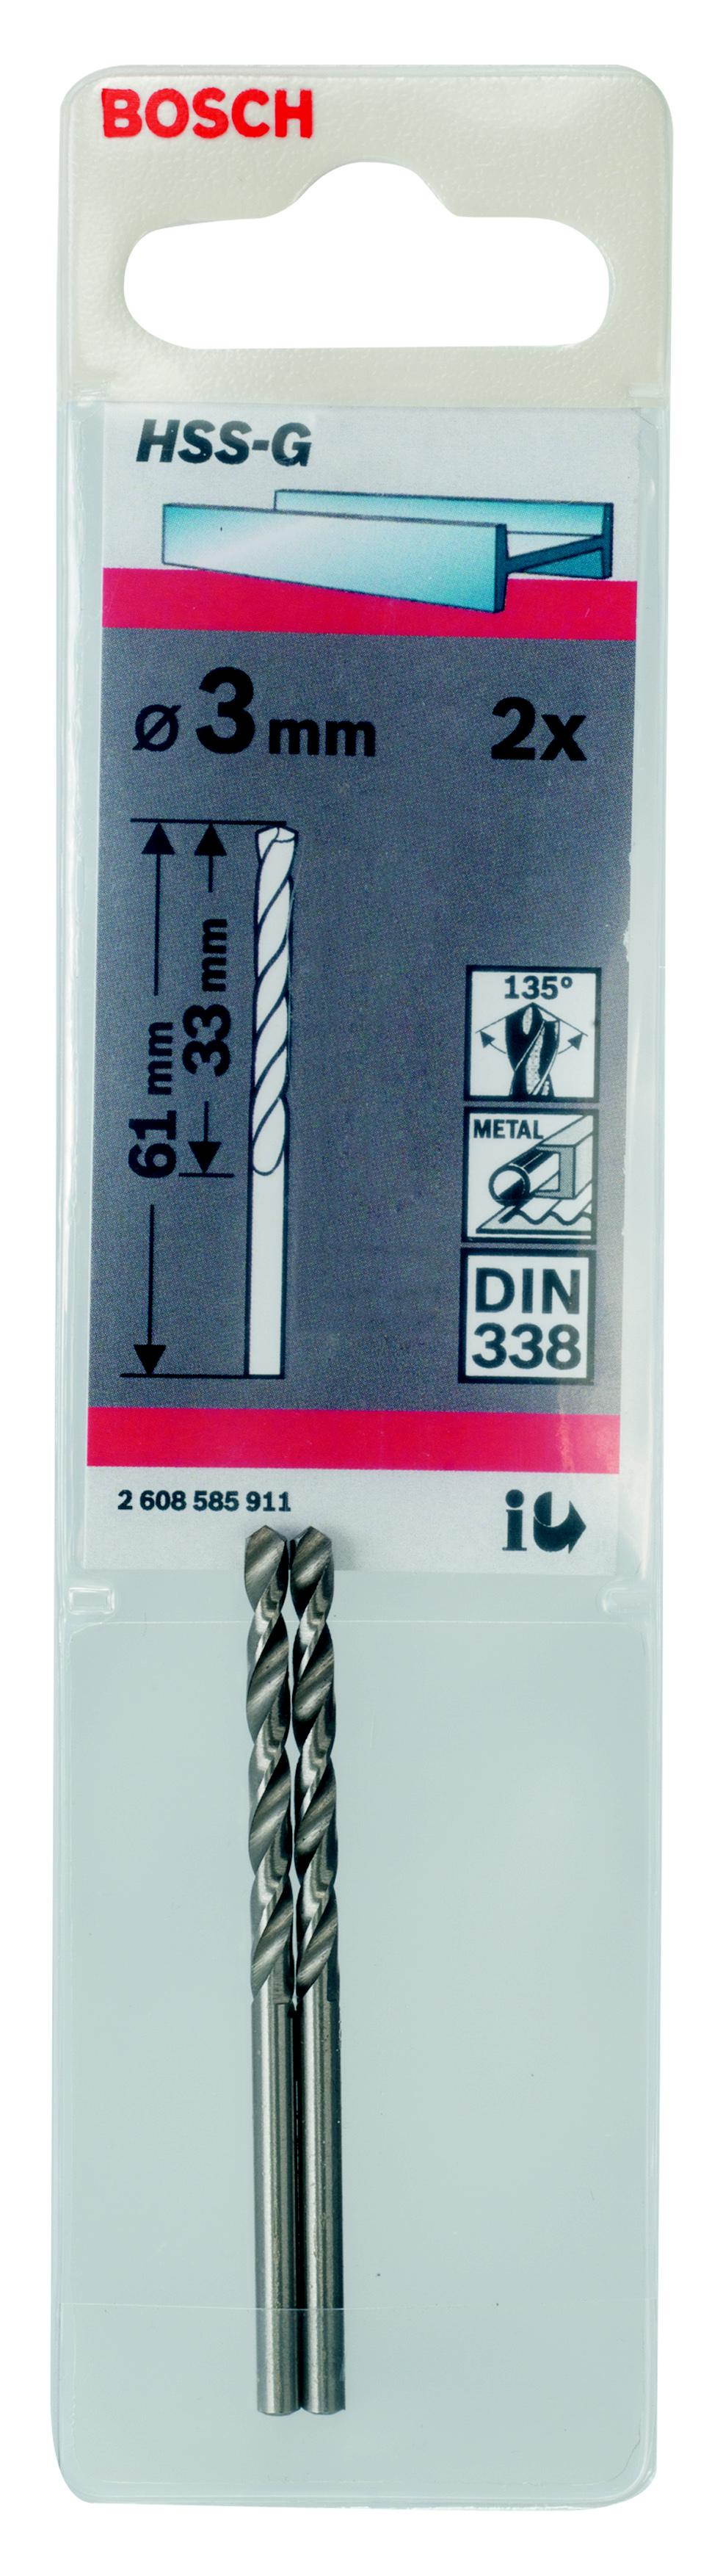 Сверло по металлу Bosch Hss-g standardline3.0 мм (2.608.585.911) bosch isio 3 060083310 g